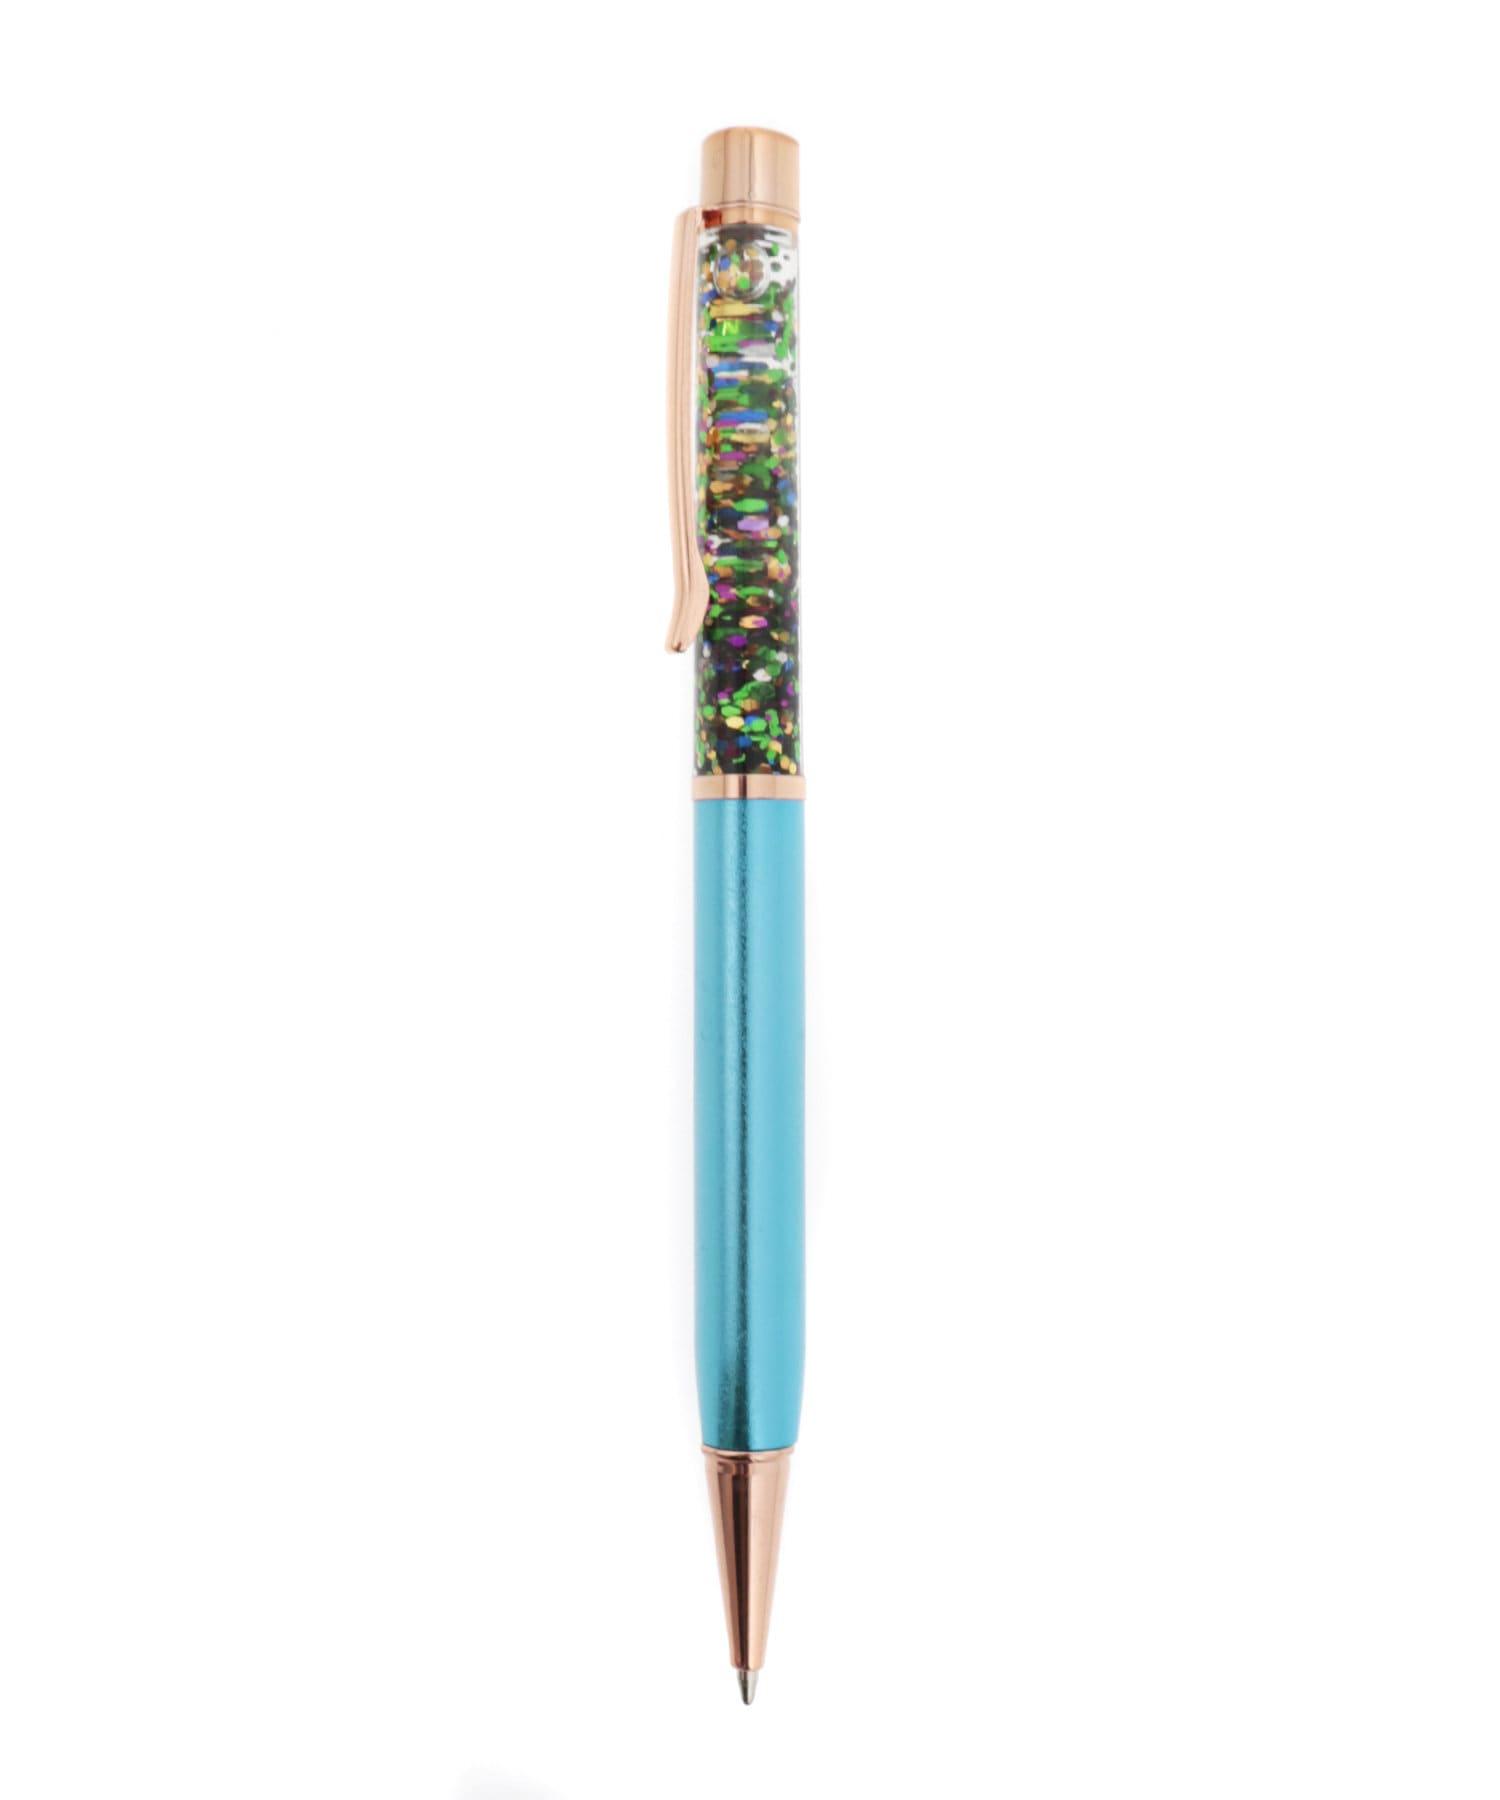 3COINS(スリーコインズ) 【ASOKO】流れるラメボールペン